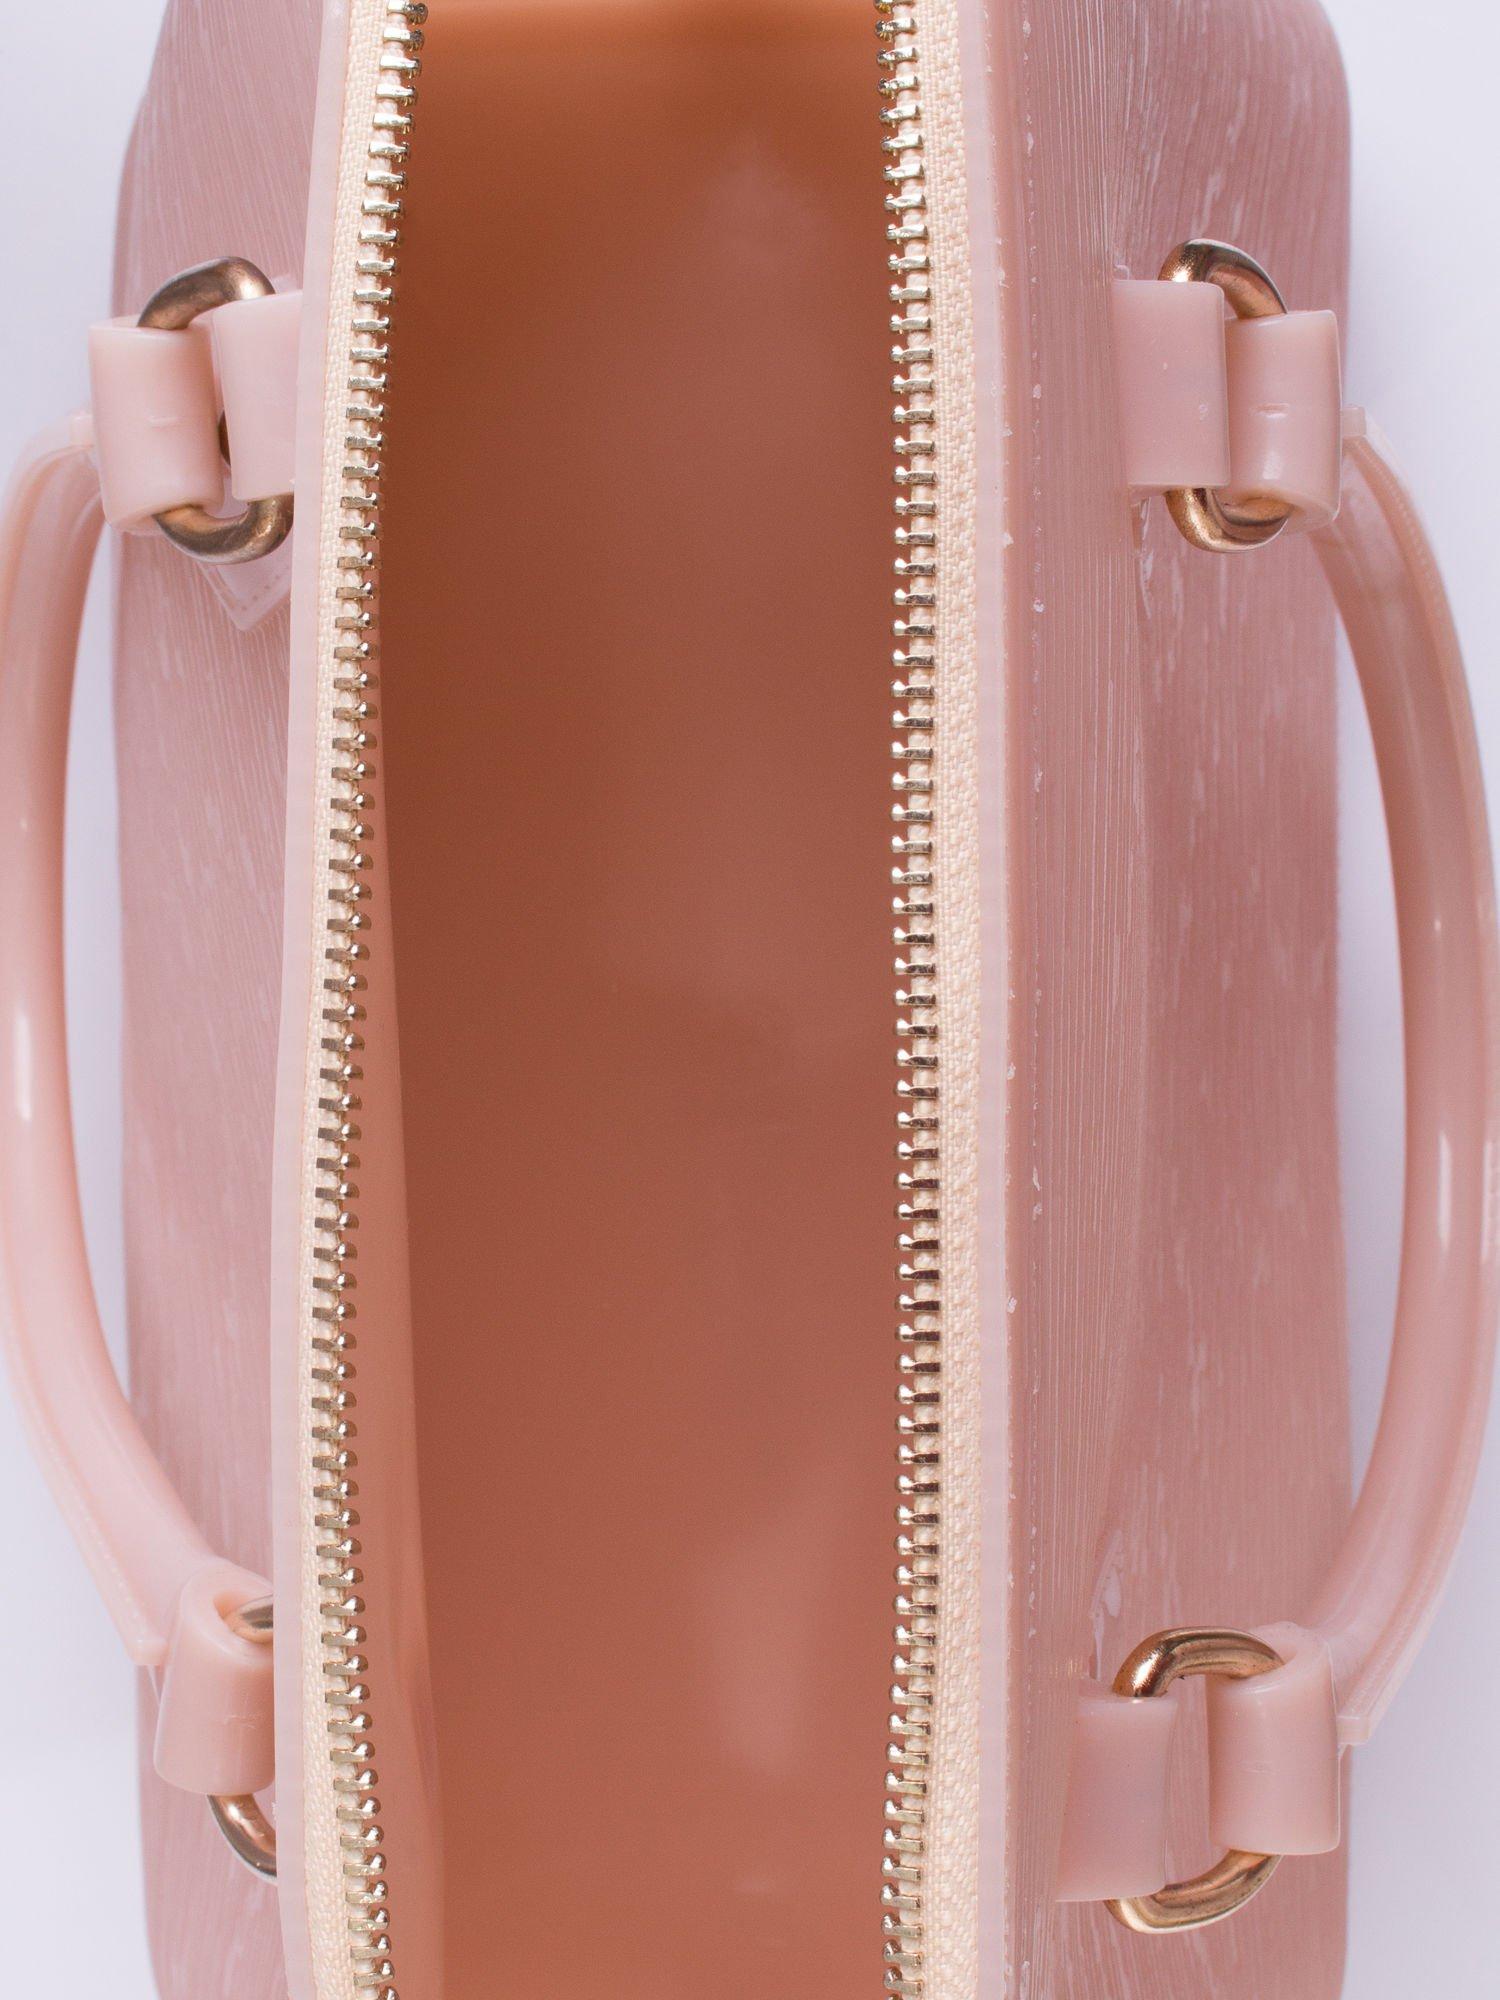 Beżowa fakturowana torba gumowa kuferek z rączką                                  zdj.                                  3